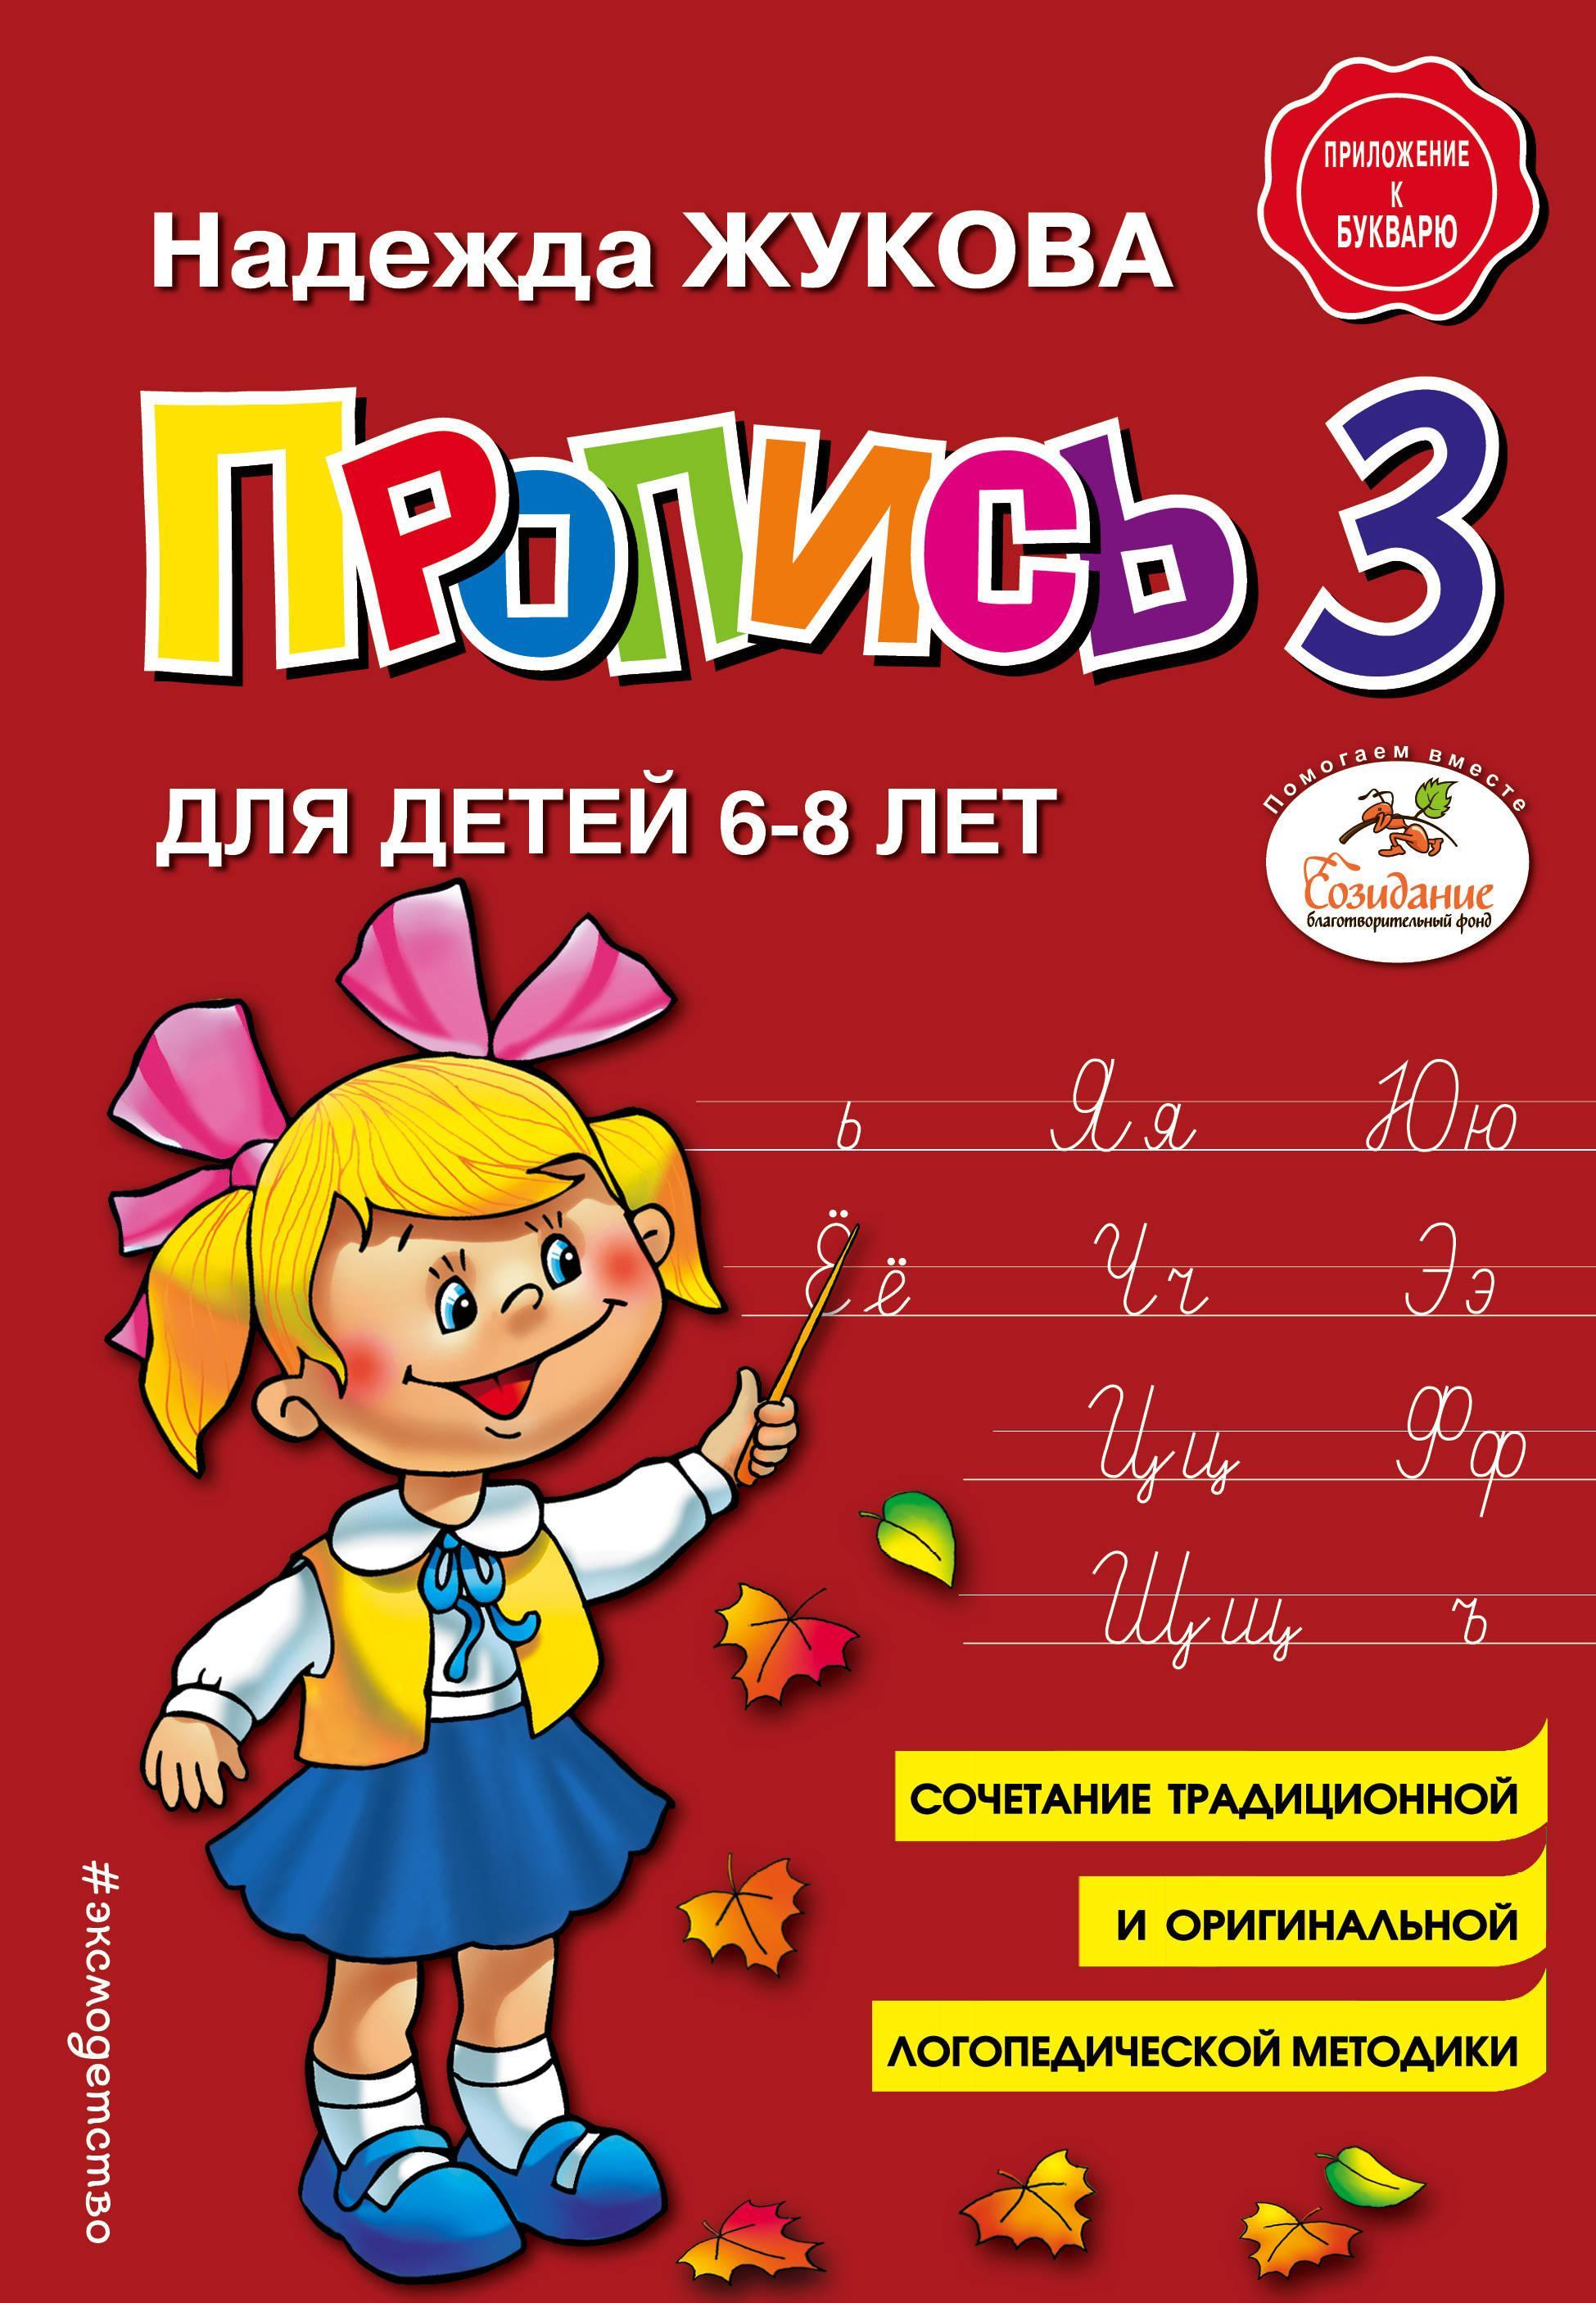 Propisi. Komplekt iz 3-kh chastej (zapas) | Zhukova Nadezhda Sergeevna